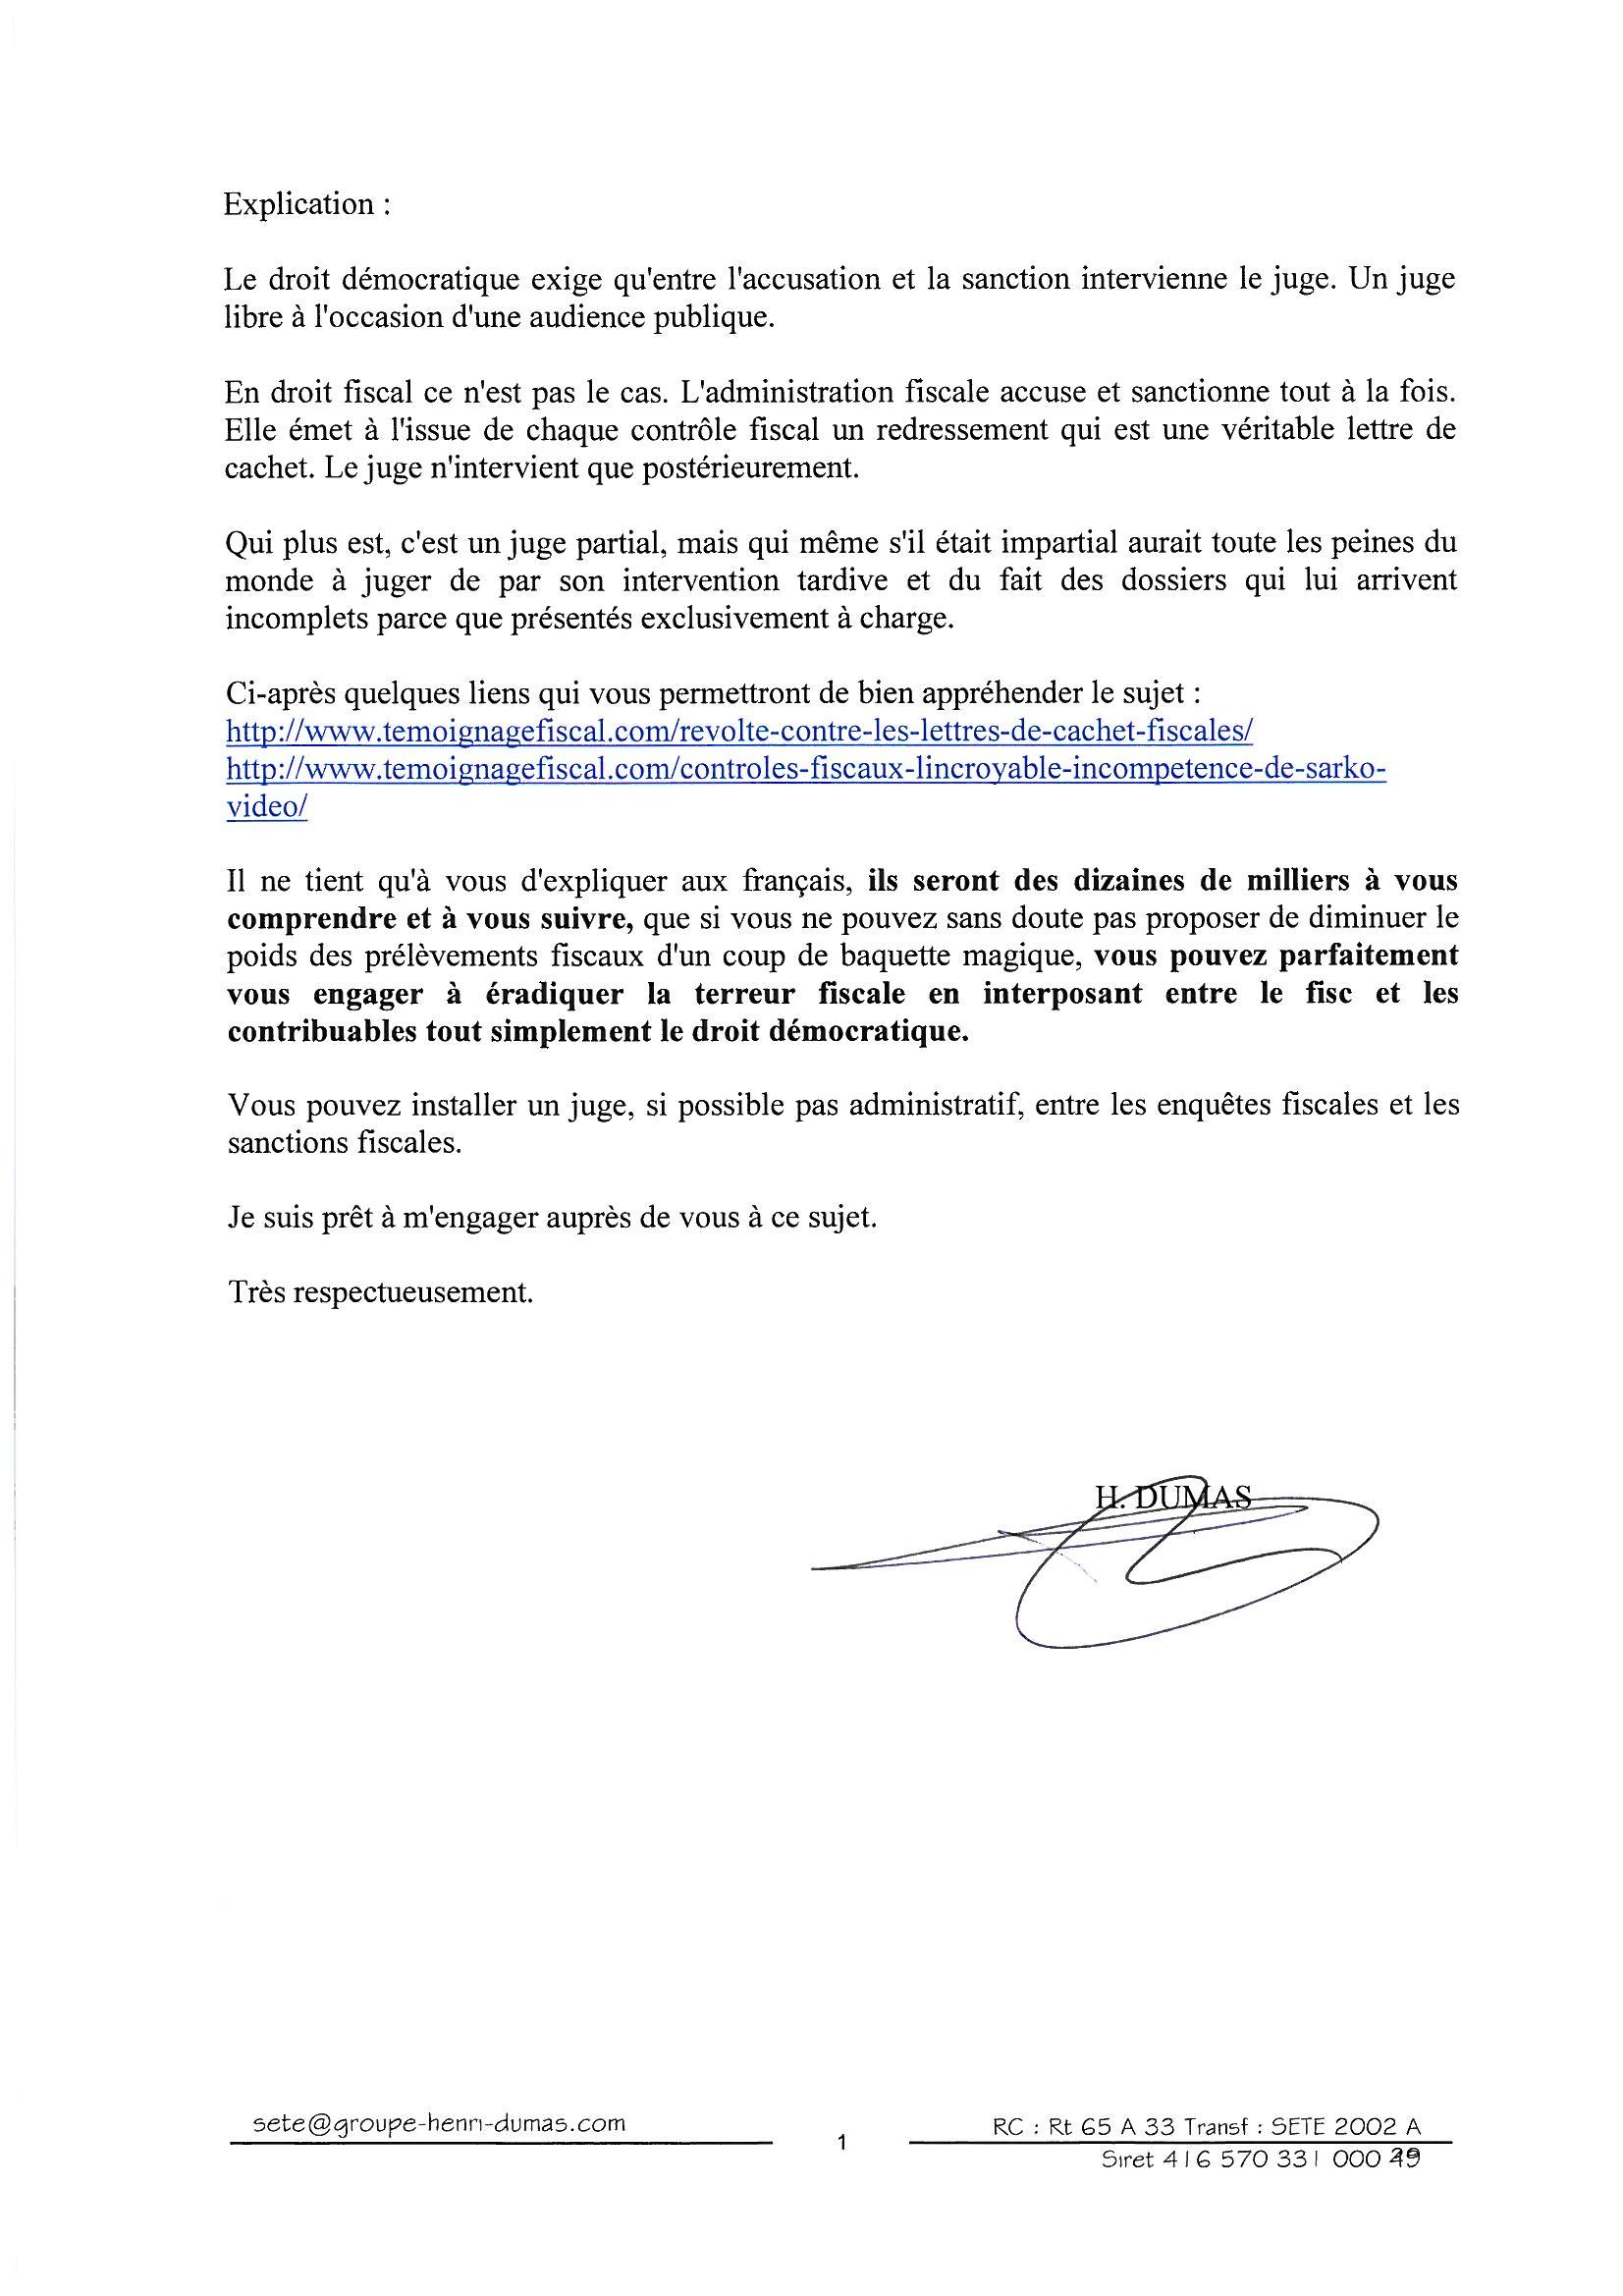 lettre-m-fillon-p2